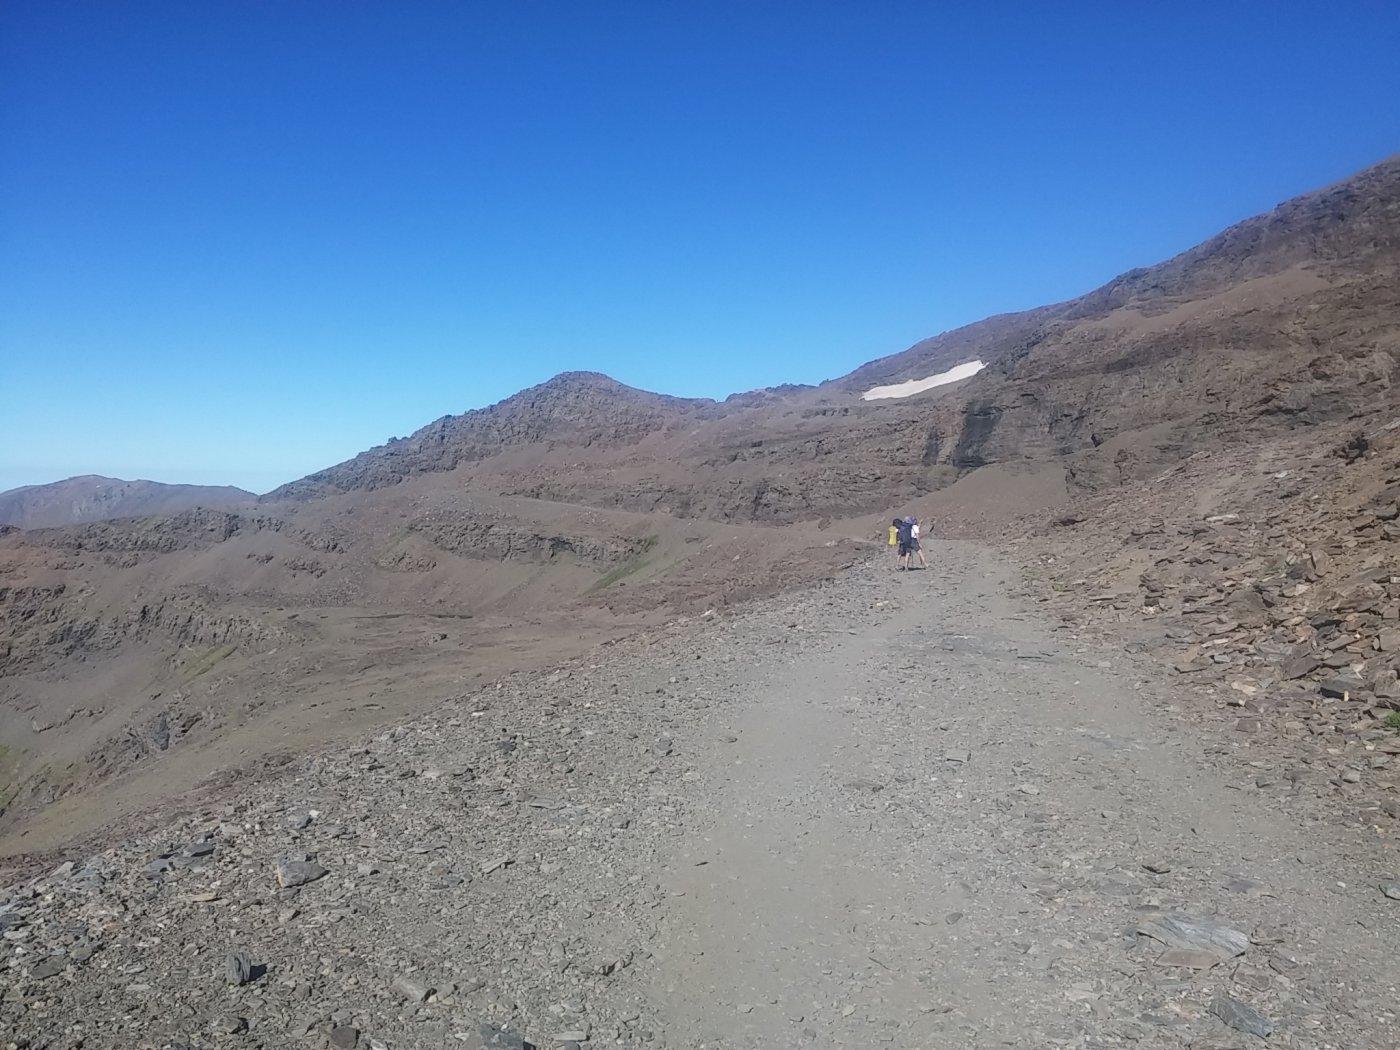 Lungo la strada alta, lasciandosi indietro il Pico de Veleta